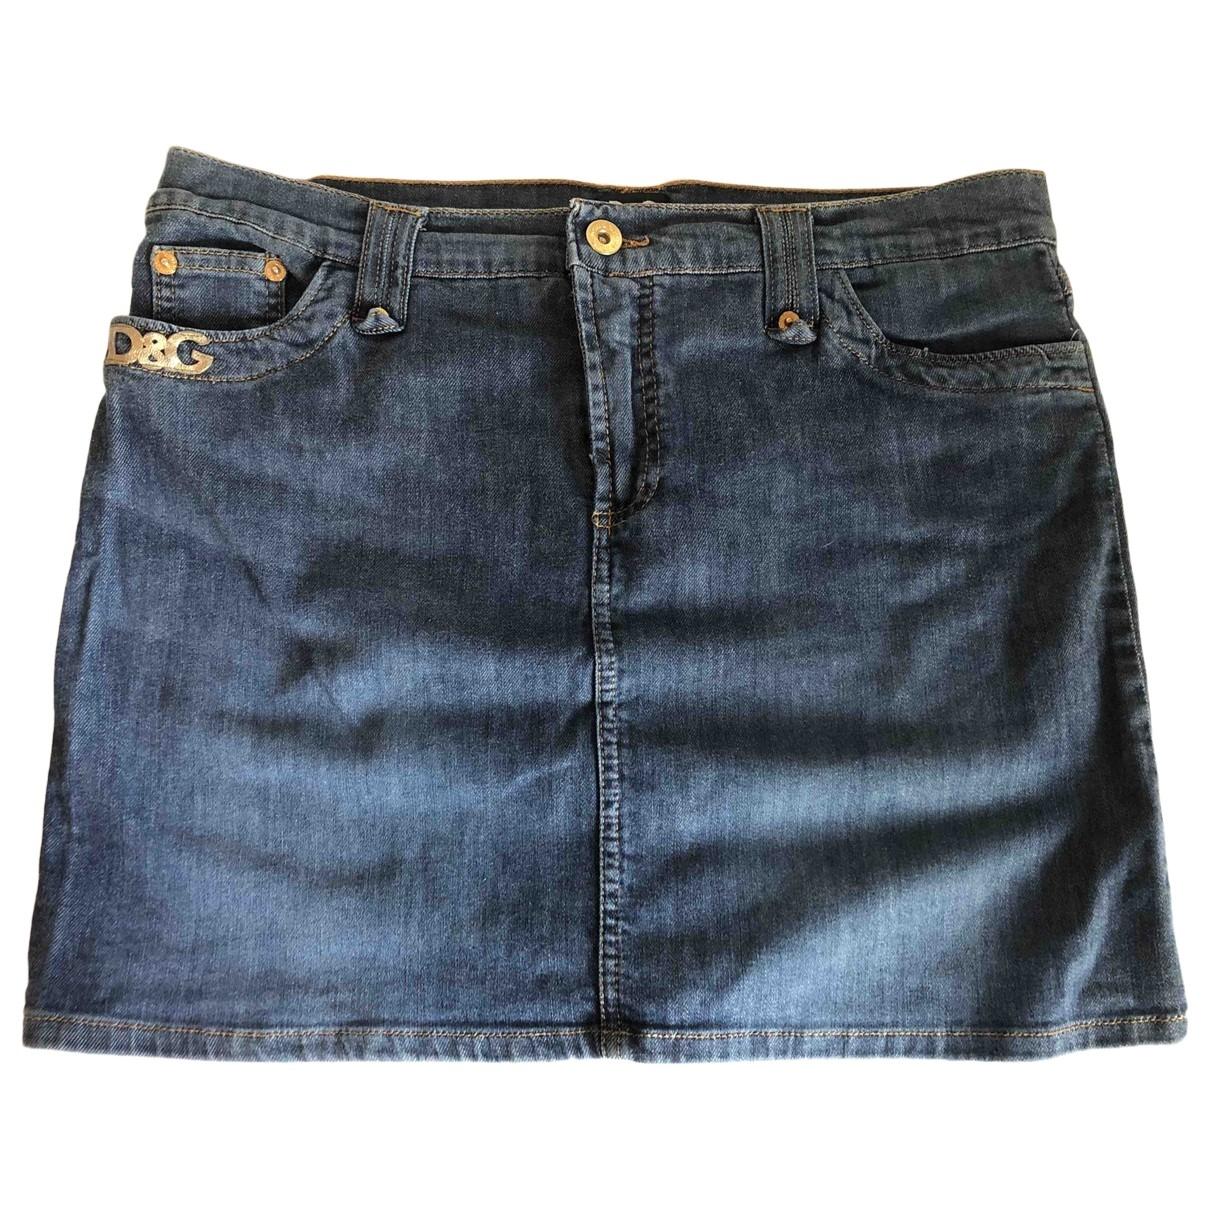 D&g \N Blue Denim - Jeans skirt for Women 44 IT